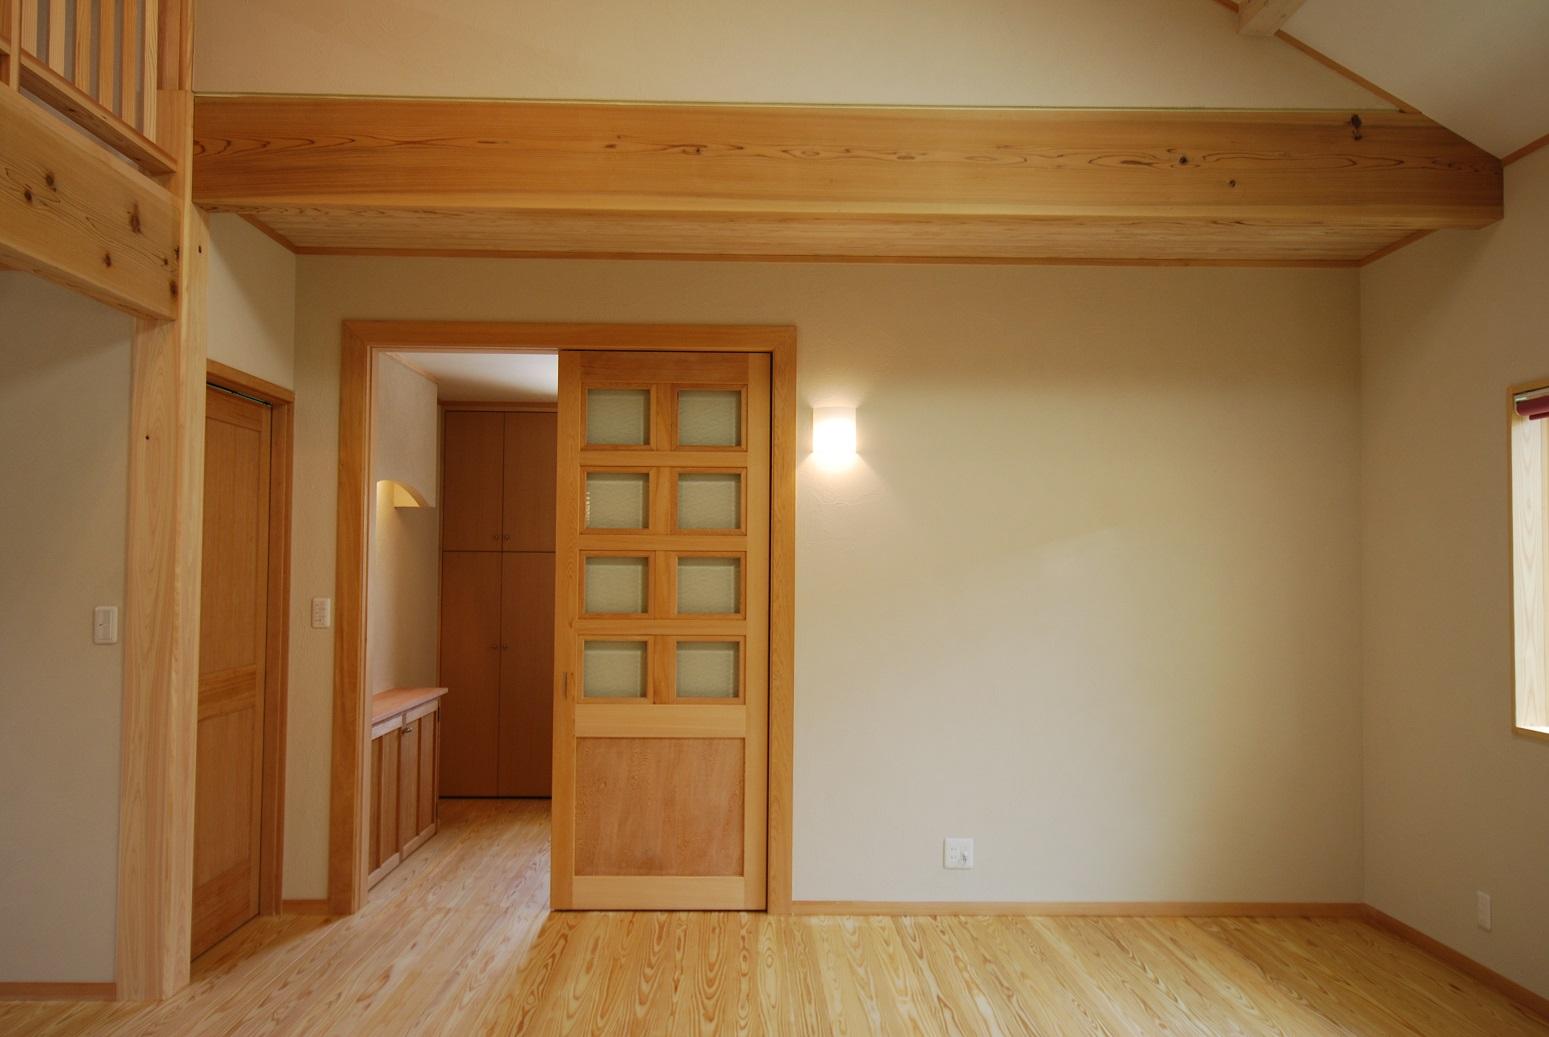 【造作建具】LDKになじむ銘木造作建具【和モダン】